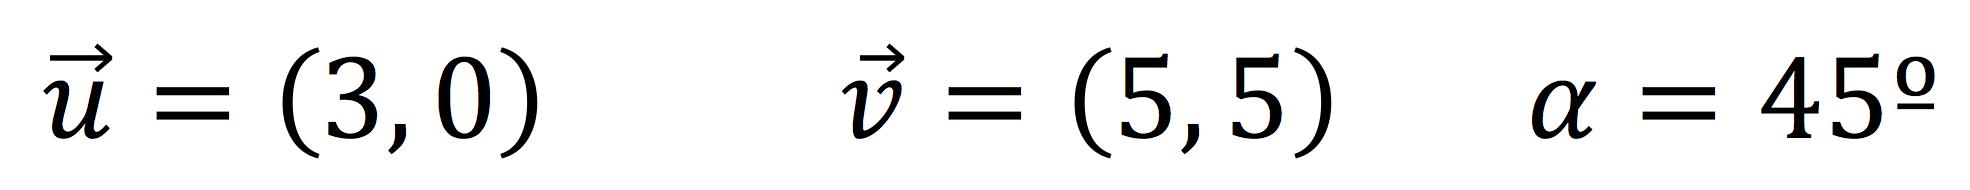 Ejercicio del producto escalar de dos vectores